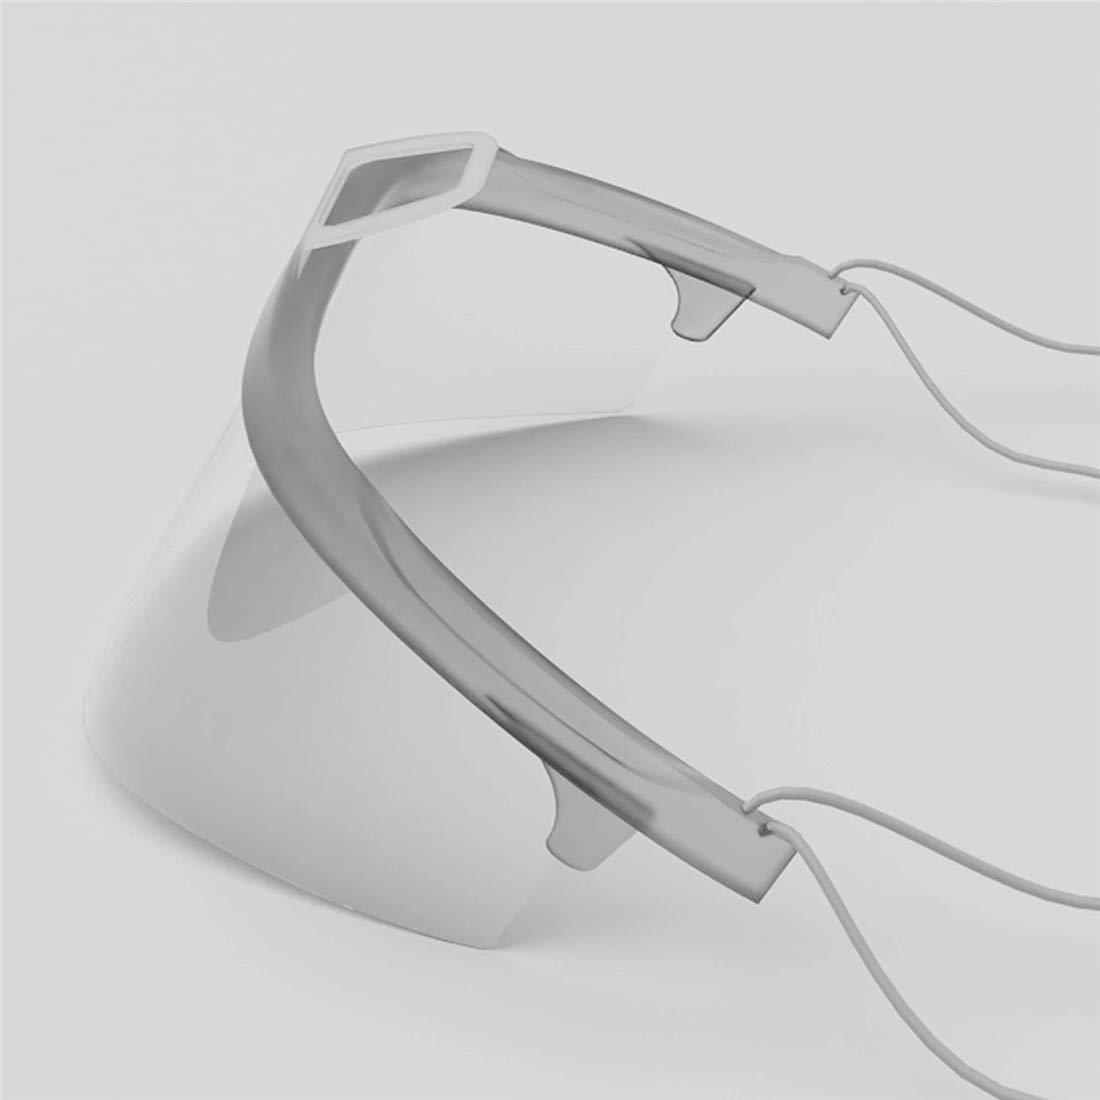 Alittle 10pcs Visera protectora reutilizable en blanco Protecci/ón facial anti-saliva anti-salpicaduras para hombres y mujeres Cubierta facial para boca y nariz